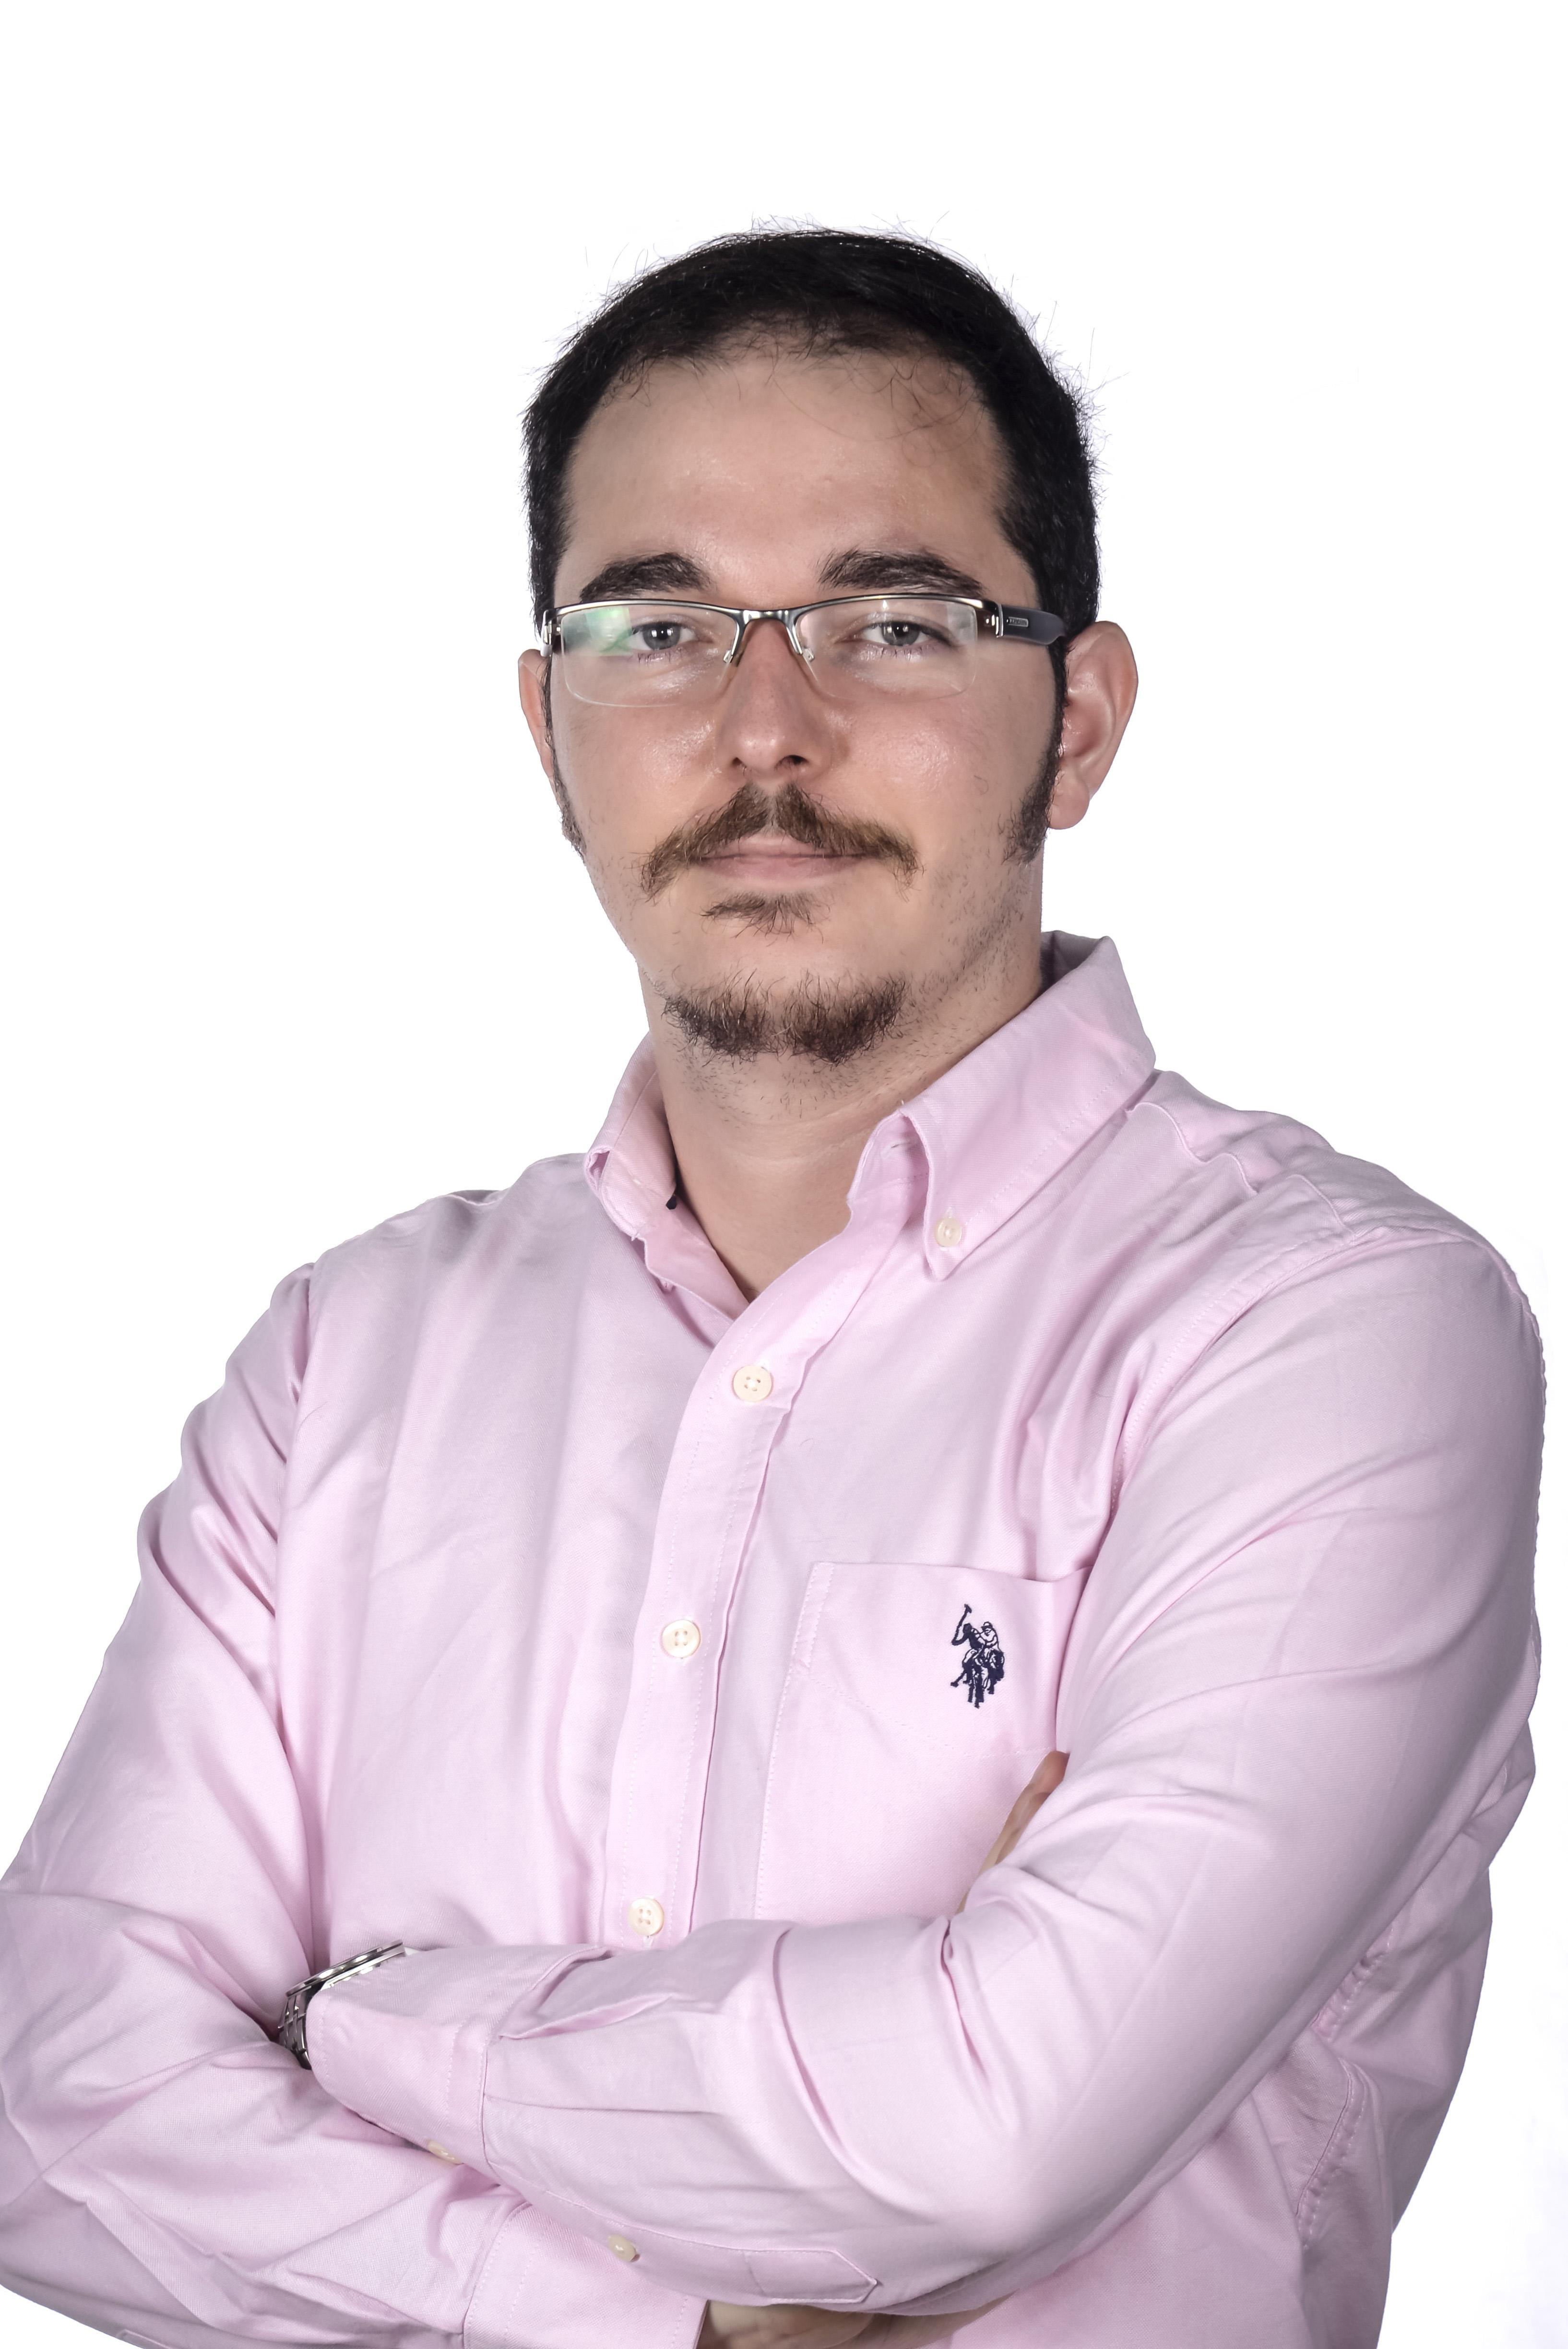 Damian Leyva-Cortes